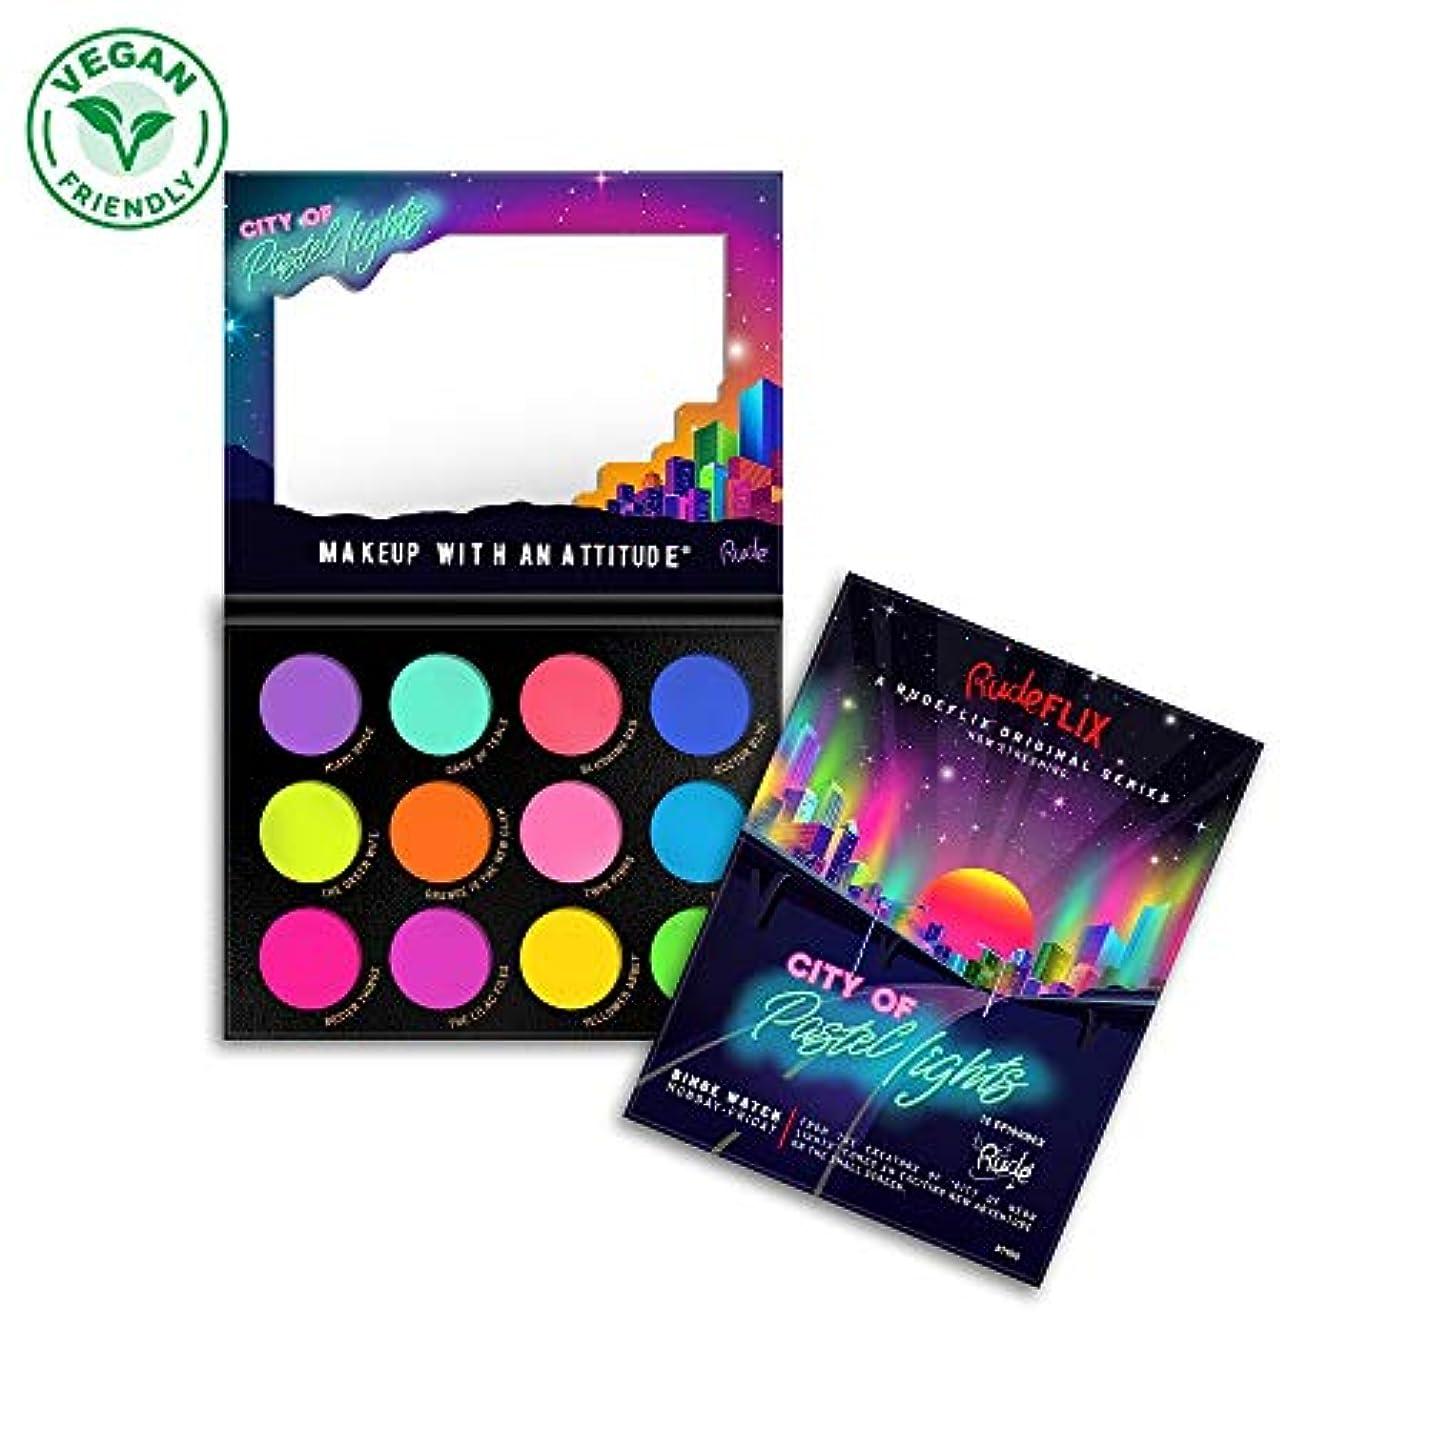 品差別想像力豊かなRUDE City of Pastel Lights - 12 Pastel Pigment & Eyeshadow Palette (並行輸入品)